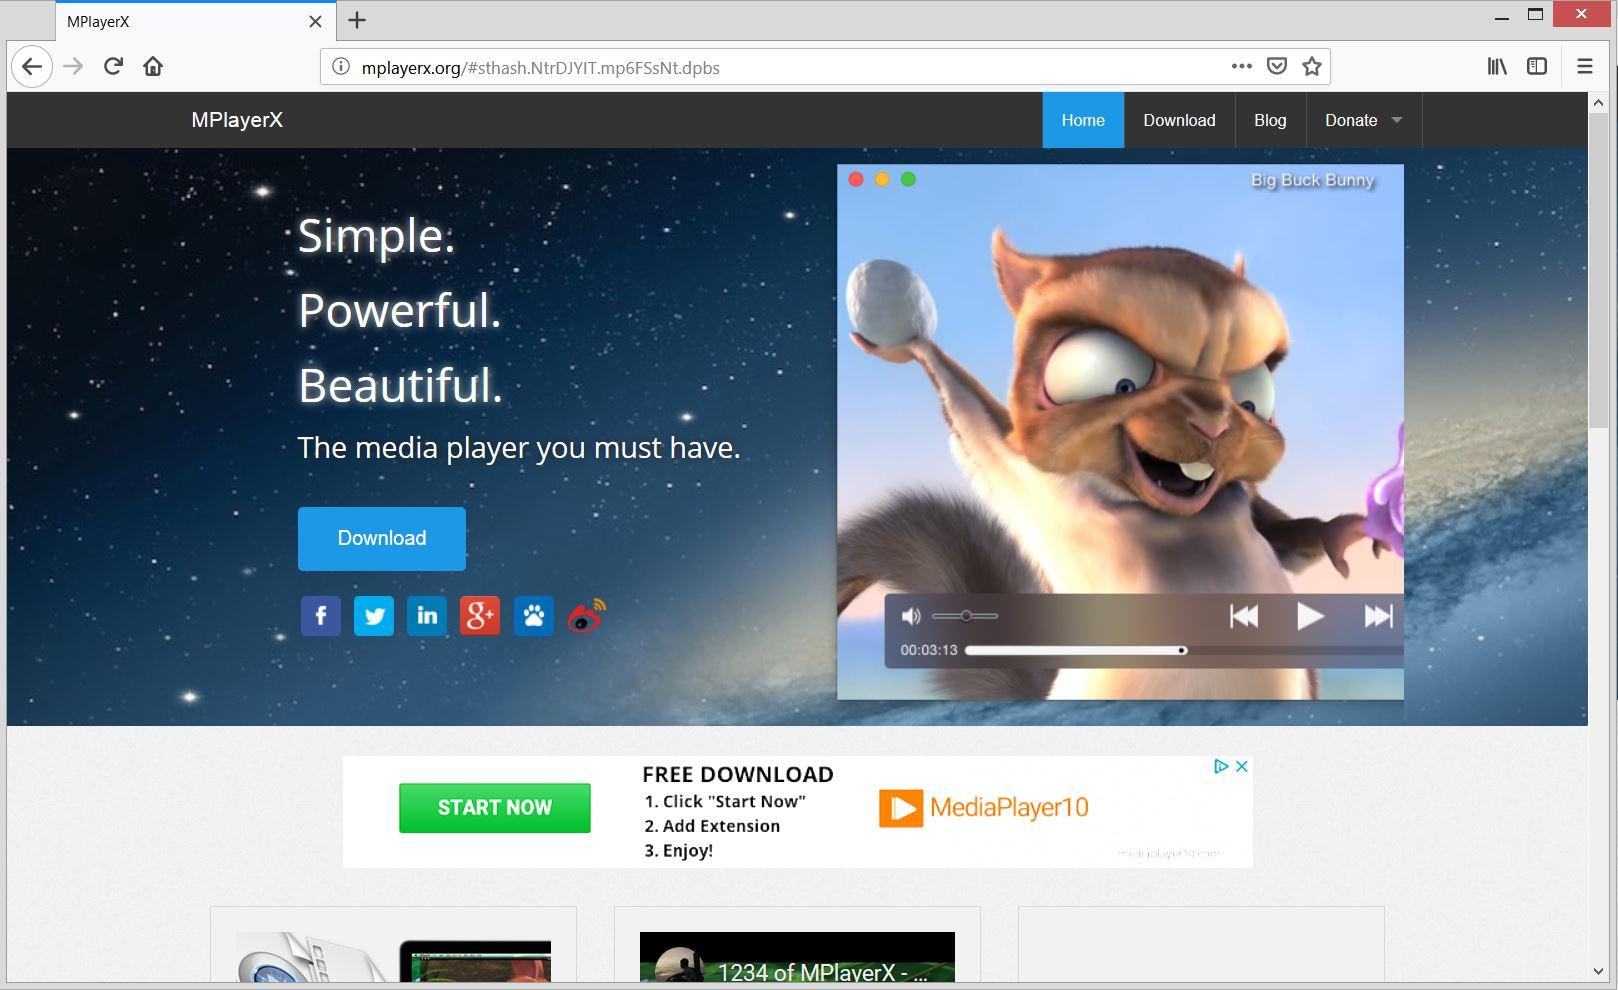 mplayerx.org official website mplayerx rogue video software sensorstechforum